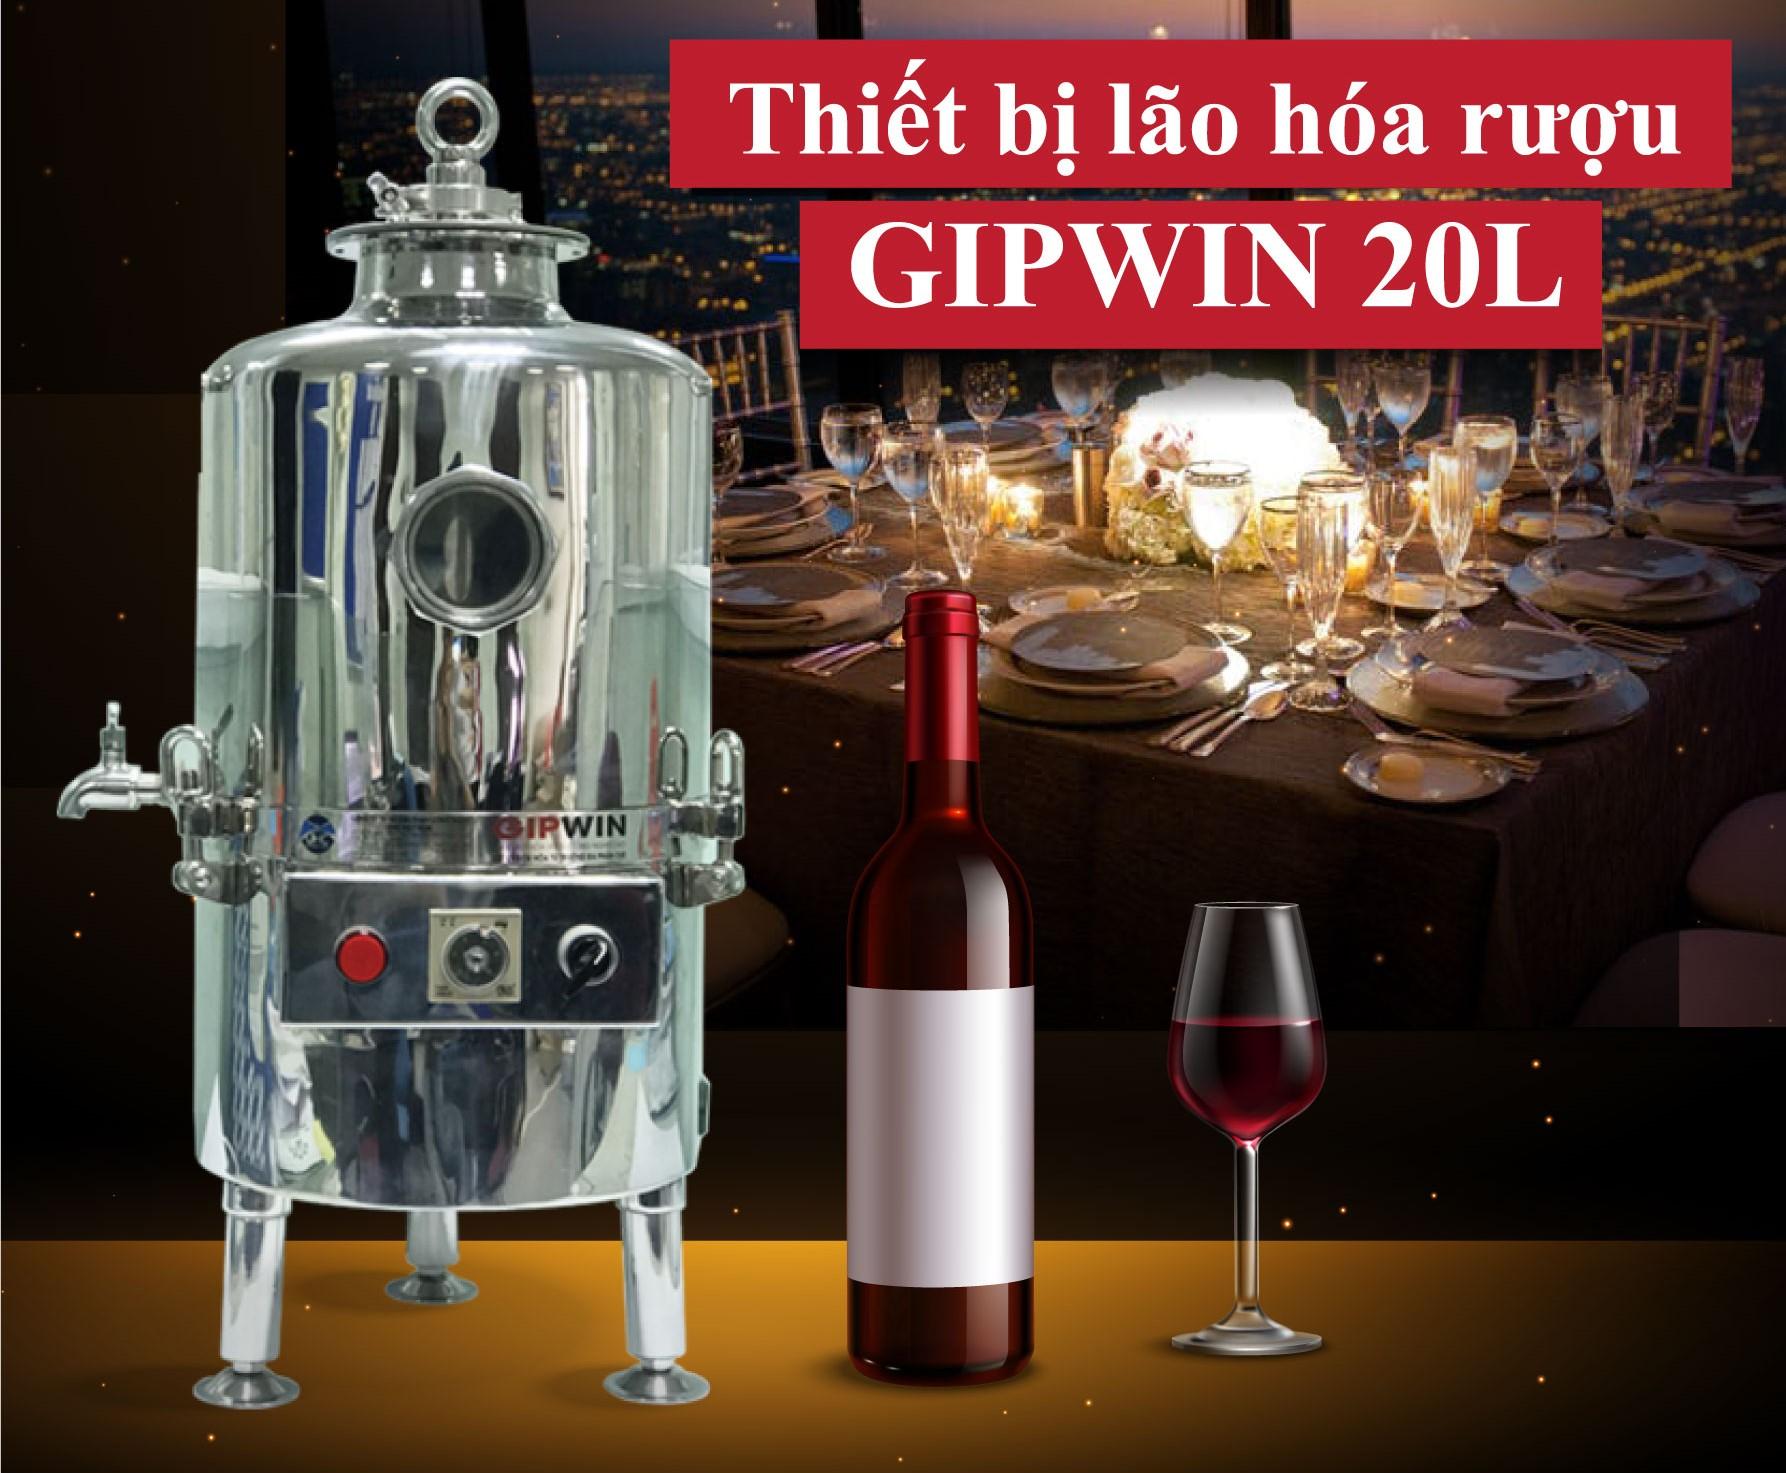 Máy lọc rượu cộng nghiệp Gipwin 20 lít